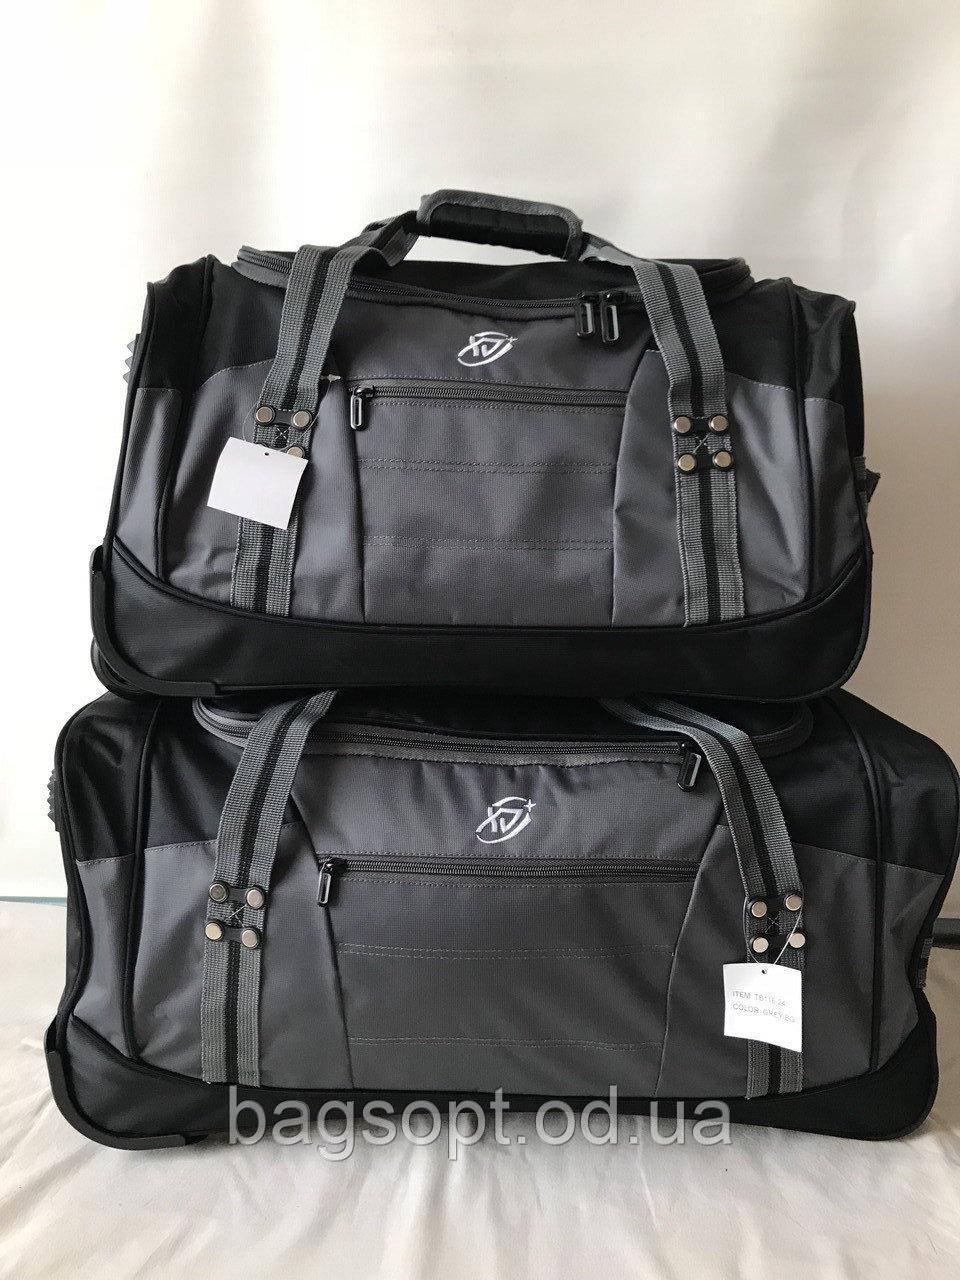 Набор дорожных сумок на колесах для путешествий